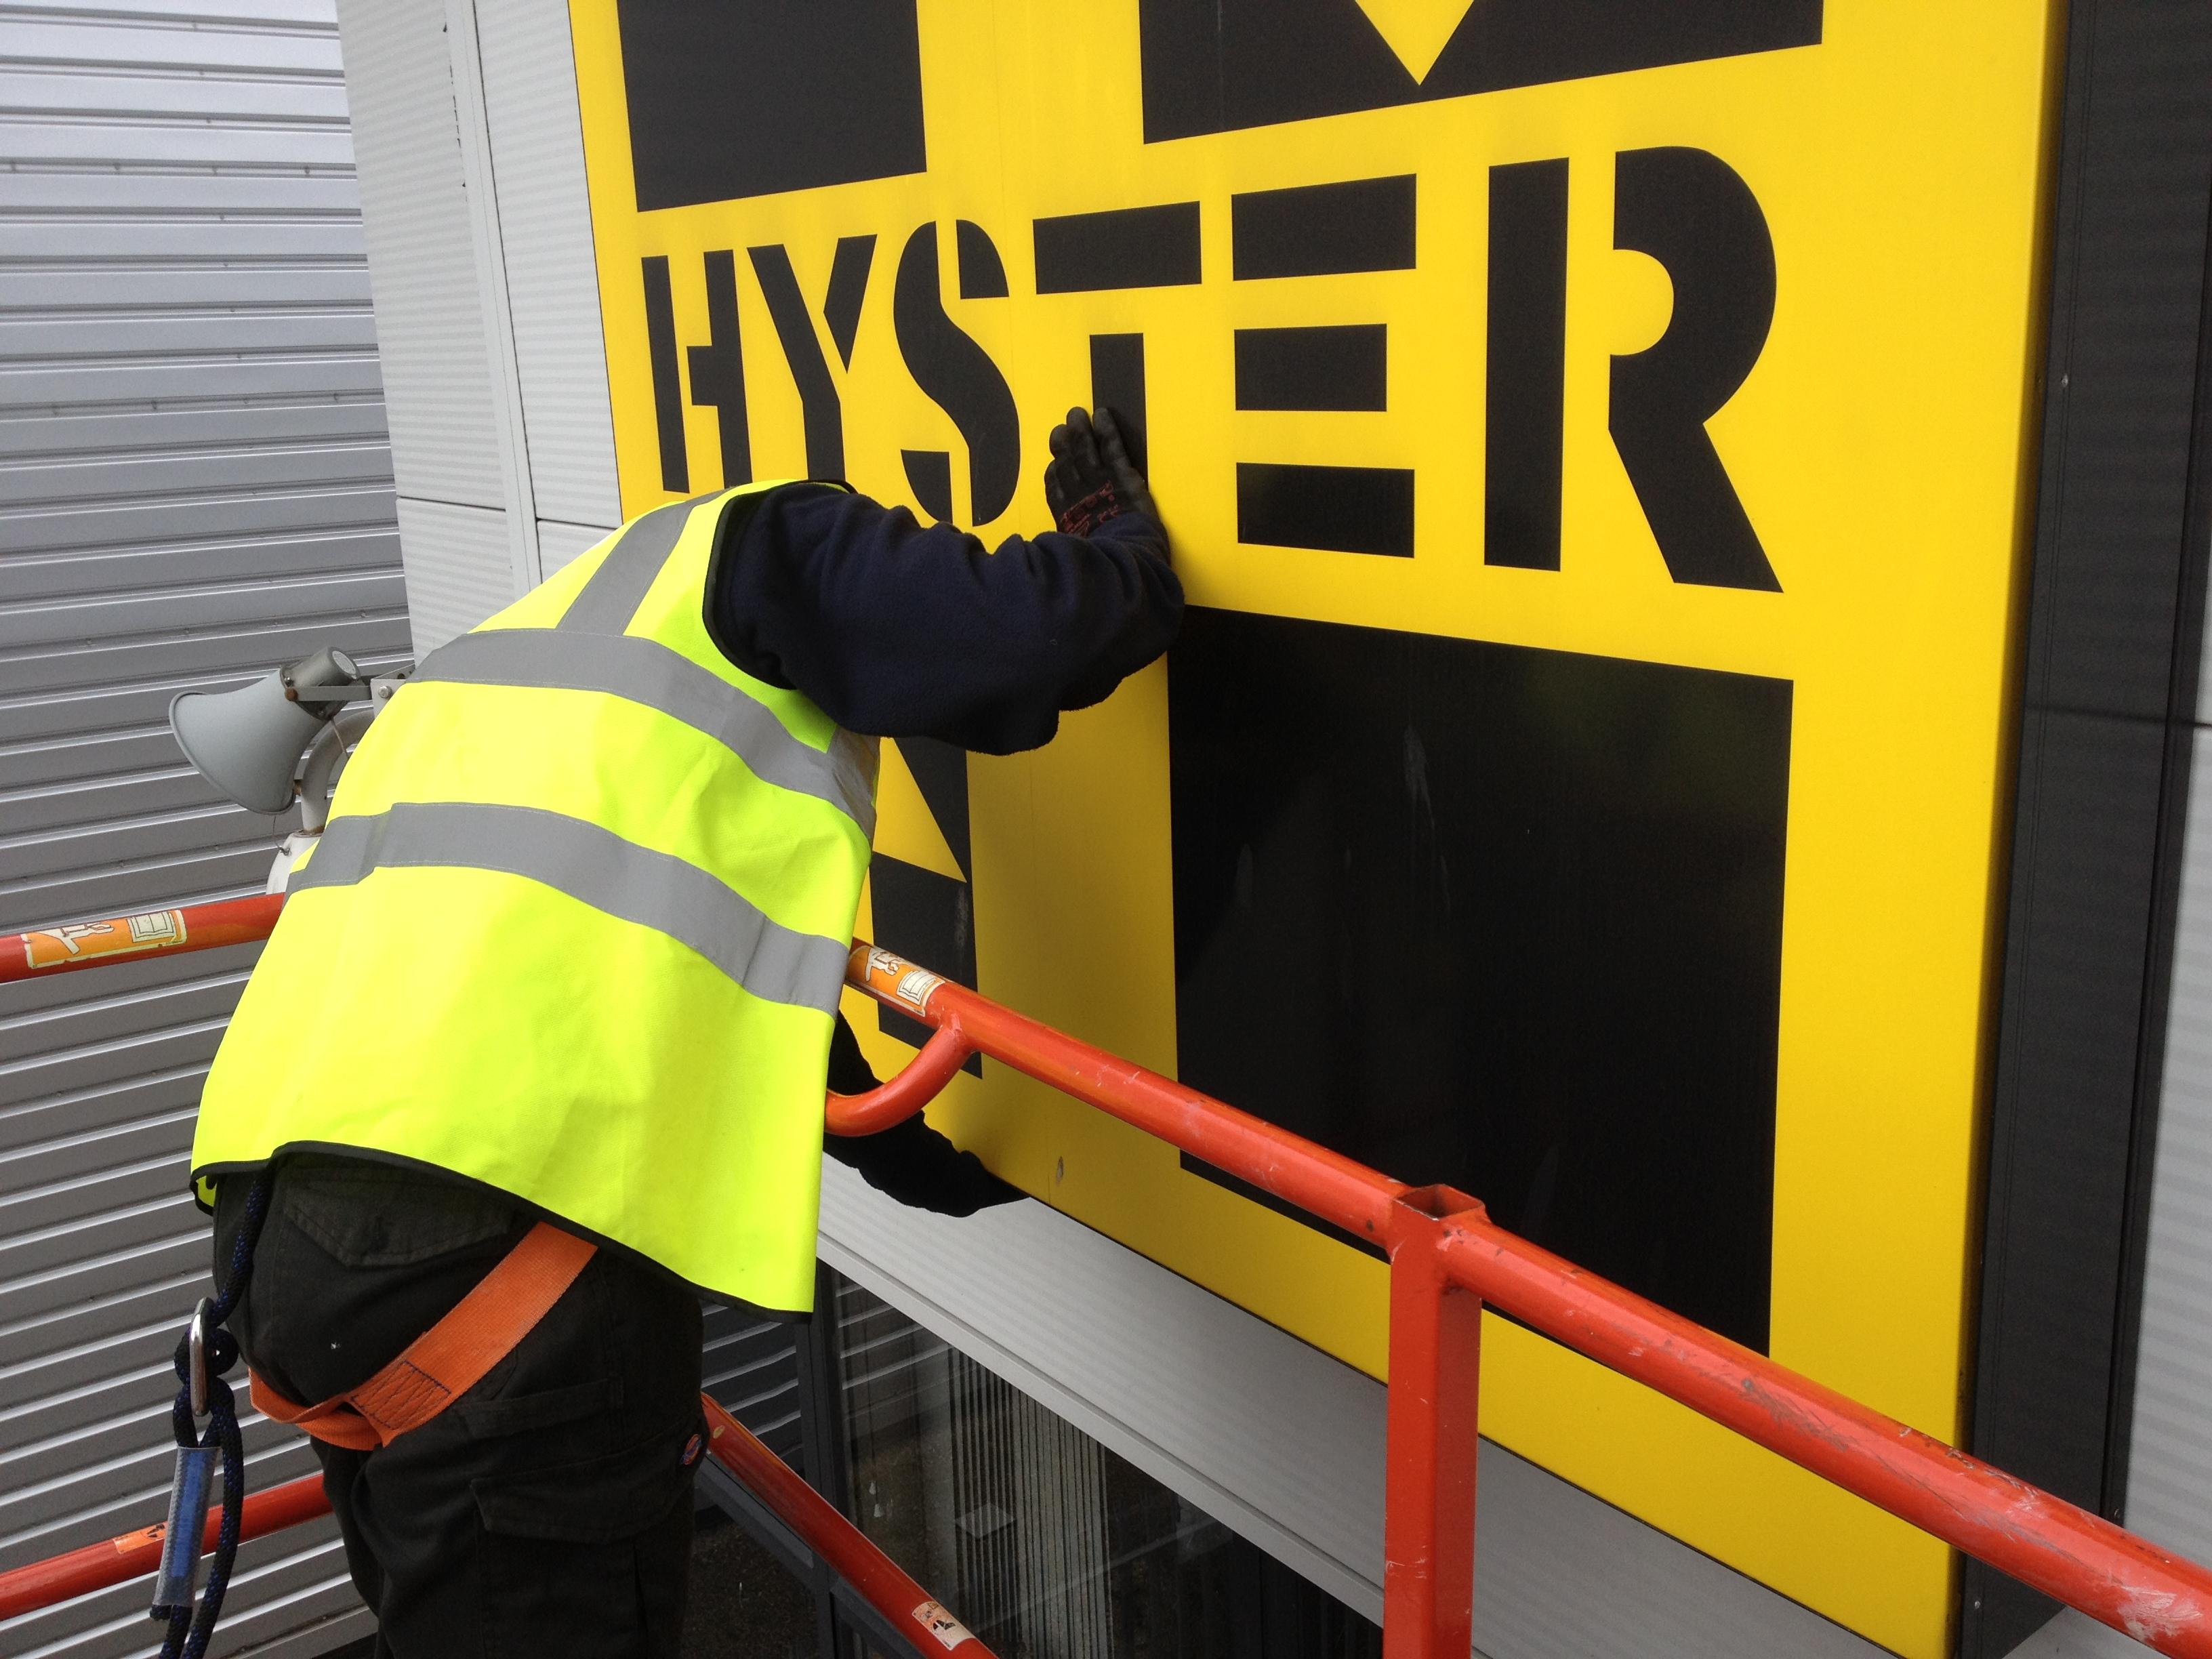 Hyster Install